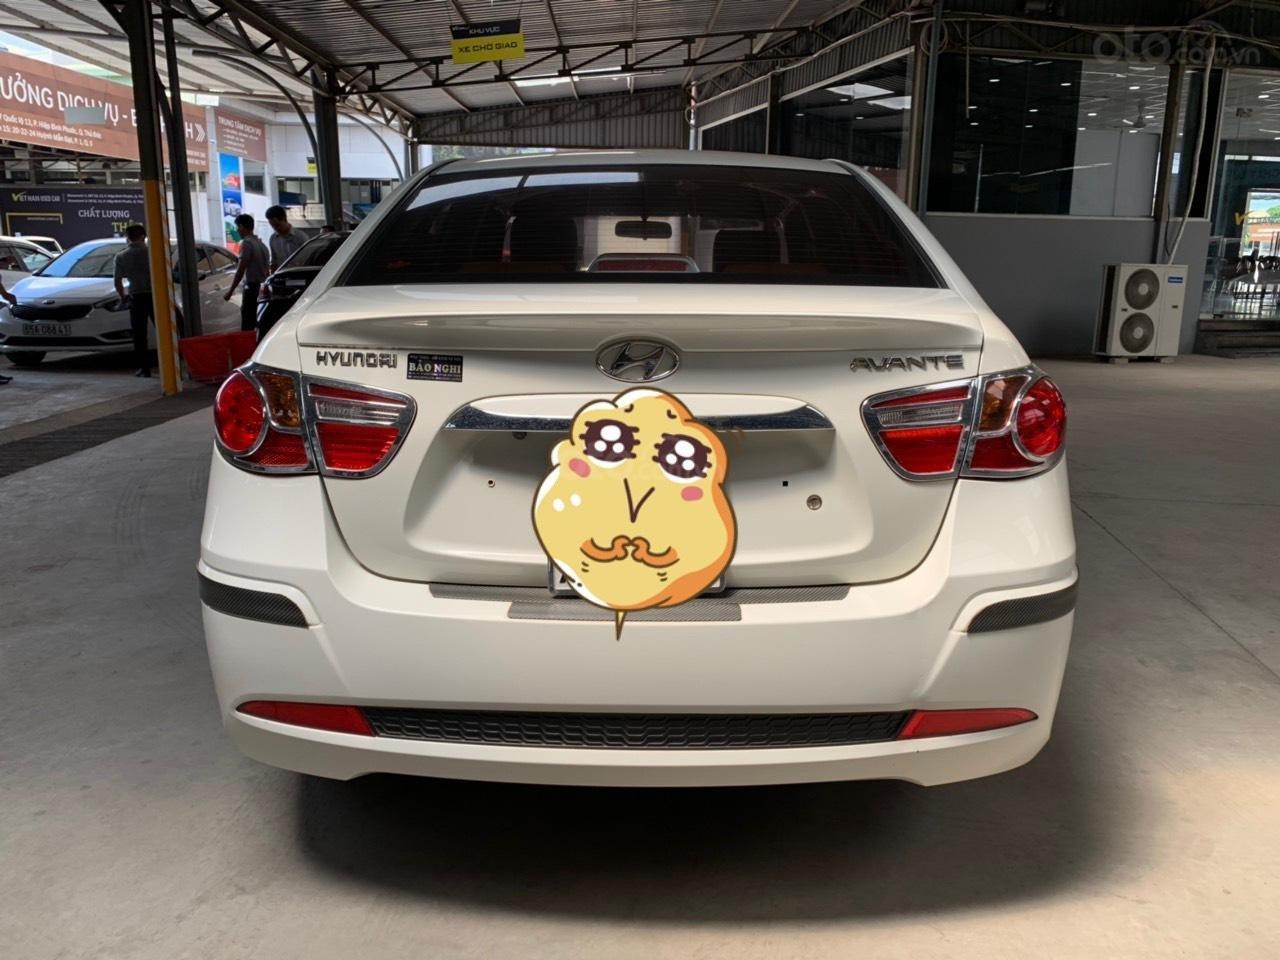 Cần bán Hyundai Avante 1.6MT đời 2016, màu trắng, không kinh doanh dịch vụ (2)